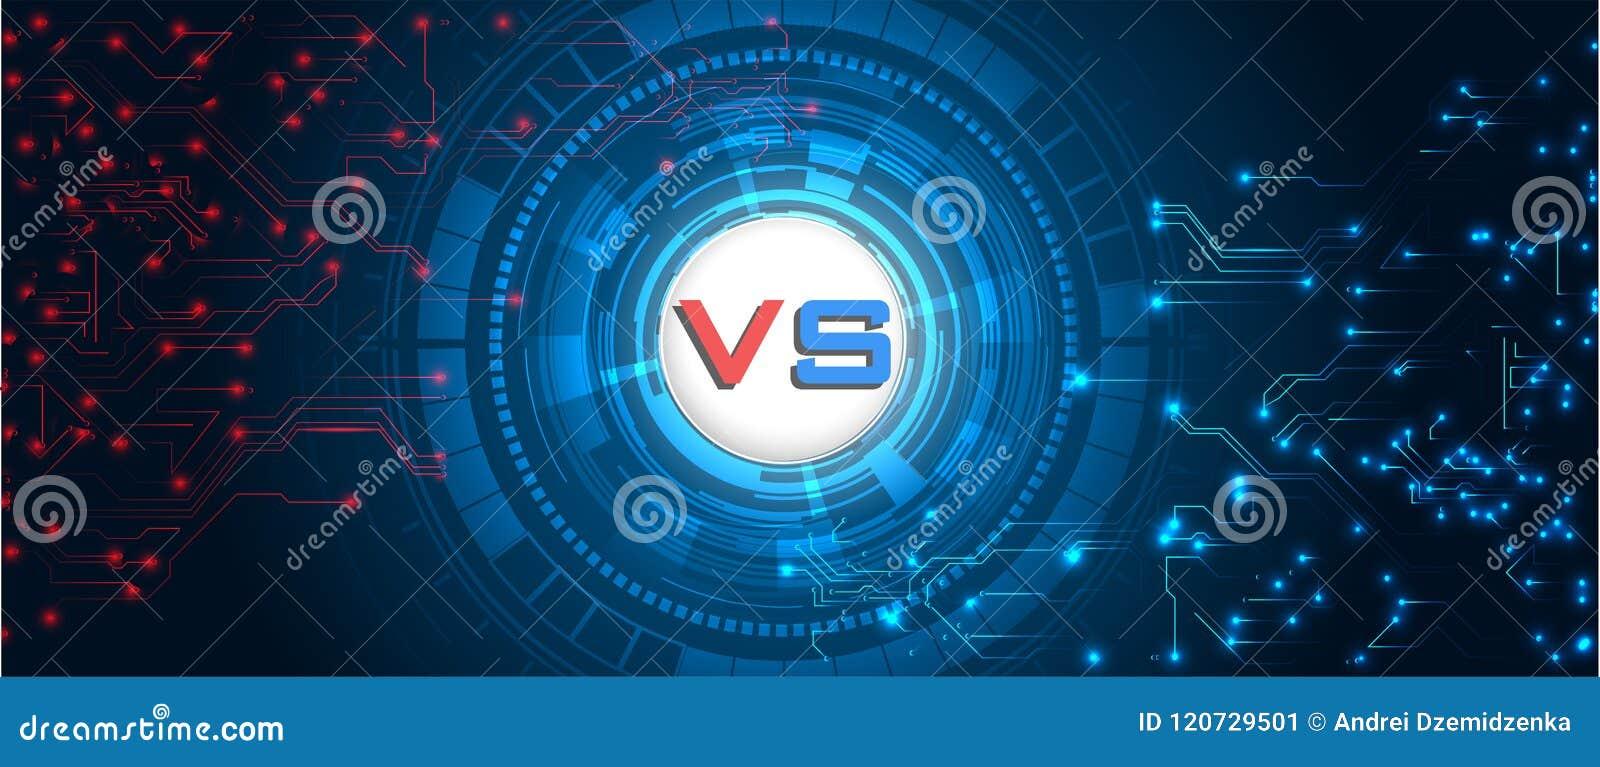 Pantalla de RGBVersus Fondos de la lucha cara a cara, rojo contra azul Fondo digital y tecnológico abstracto